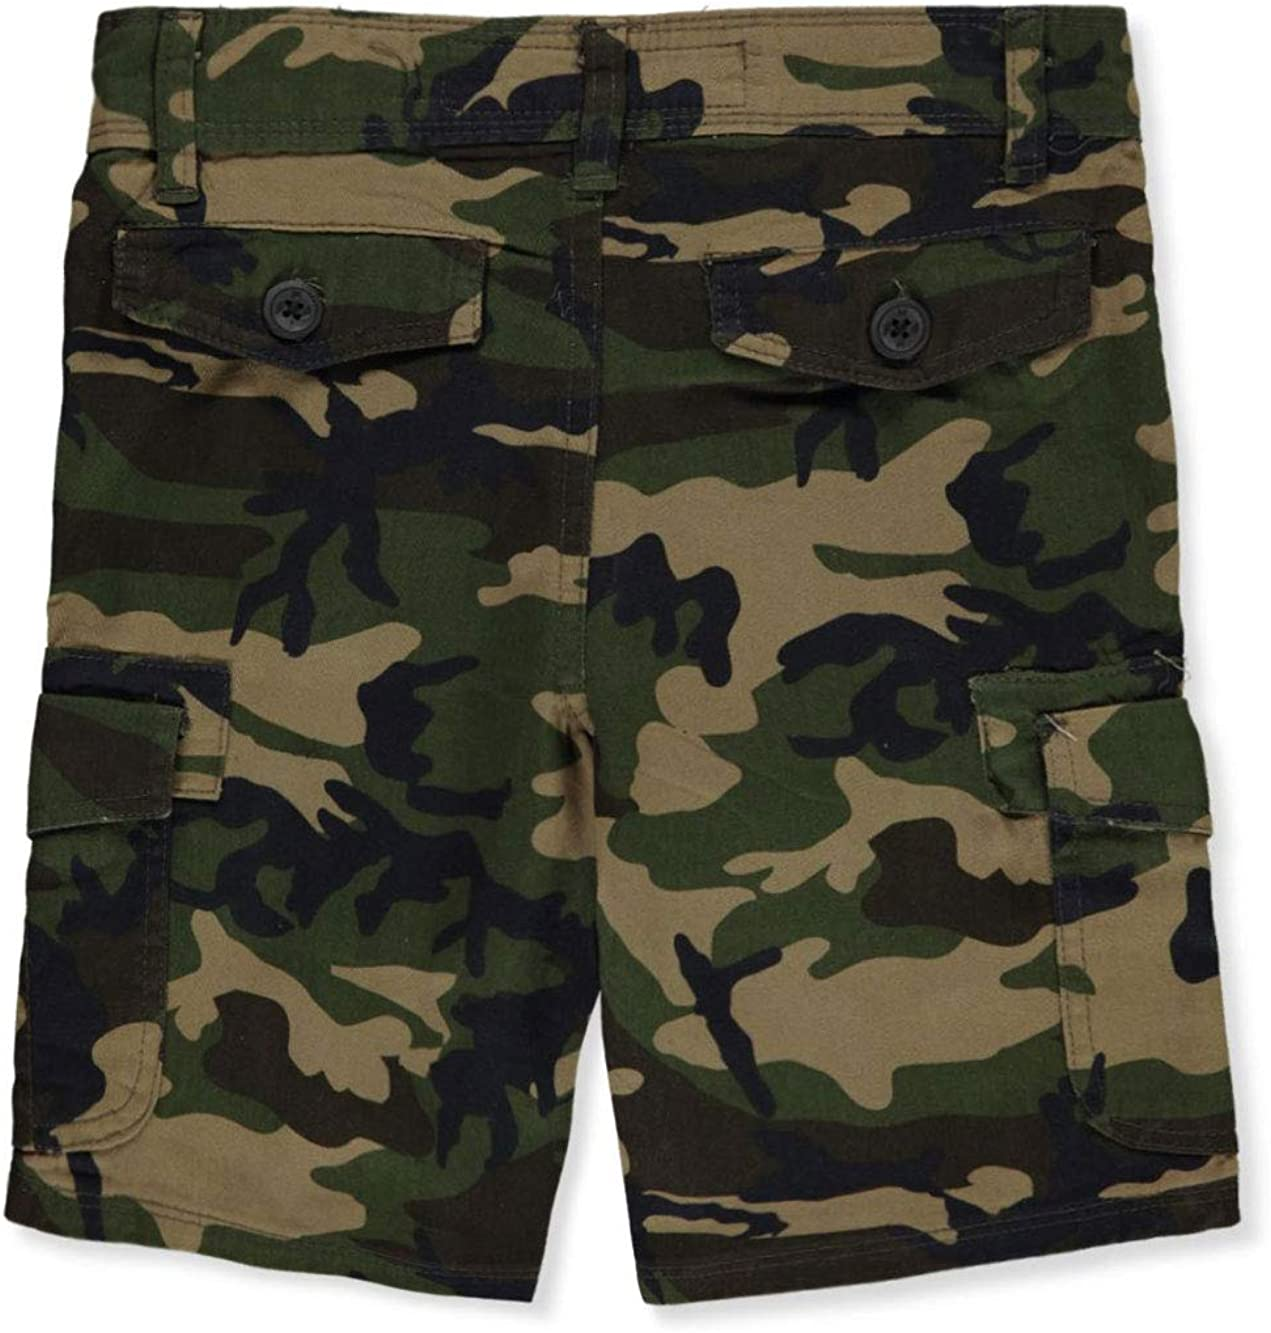 Hawk Little Boys' Toddler Camo Cargo Shorts - camo, 3t